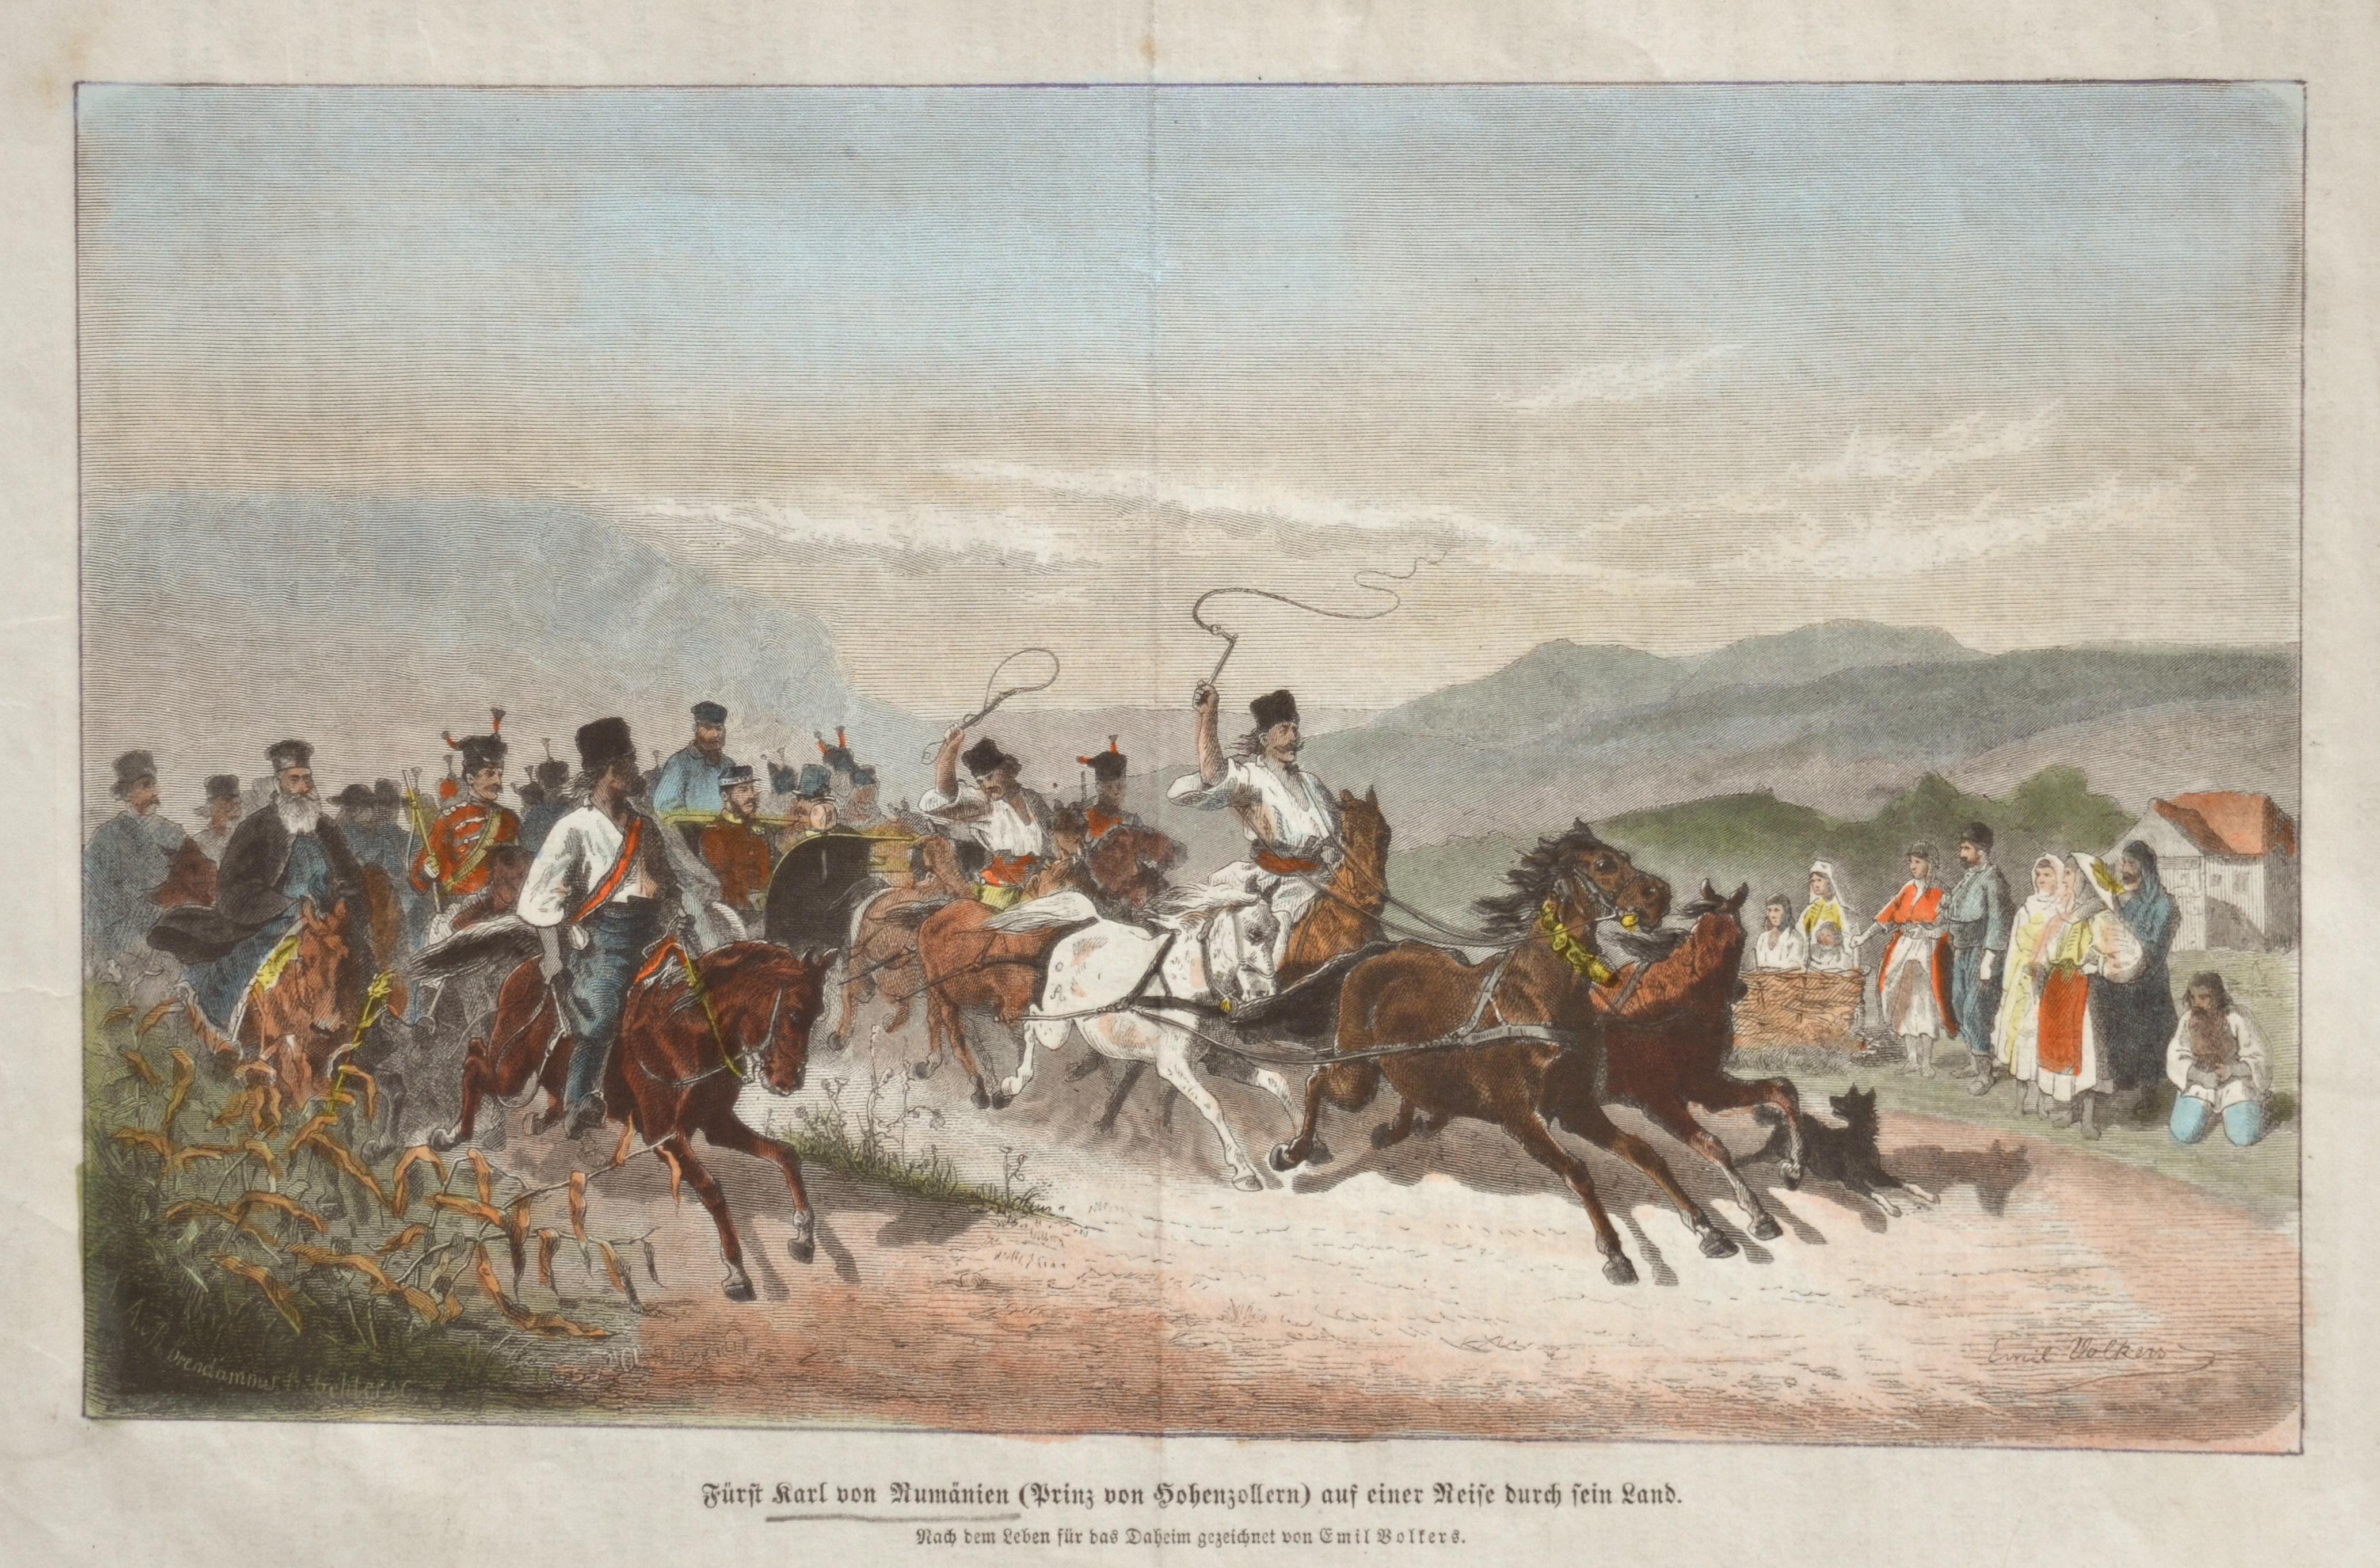 Volkers Emil Ferdinand Heinrich Fürst Karl von Rumänien (Prinz von Hohenzollern) auf einer Reise durch sein Land.